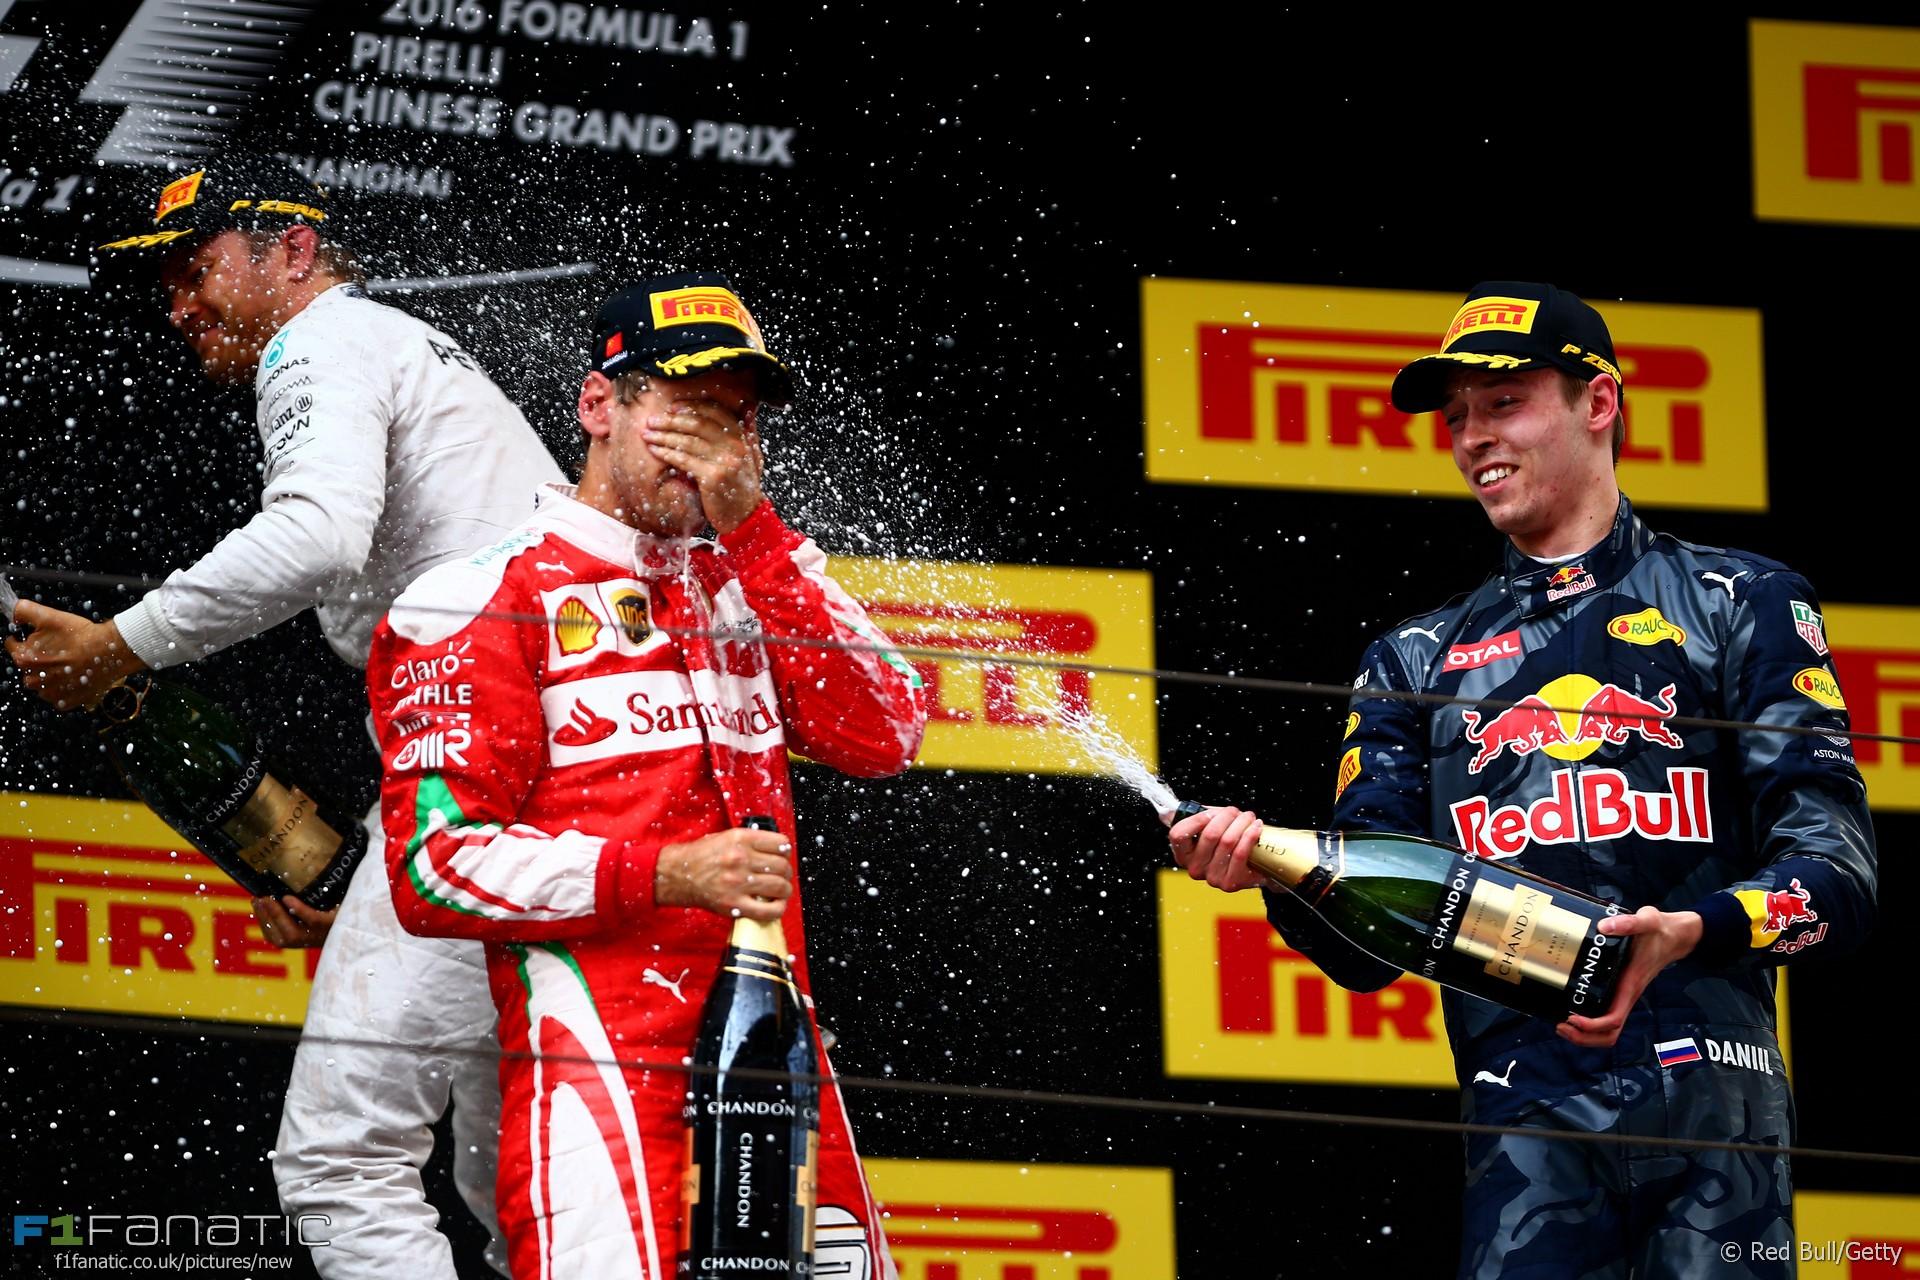 Sebastian Vettel, Daniil Kvyat, Shanghai International Circuit, 2016